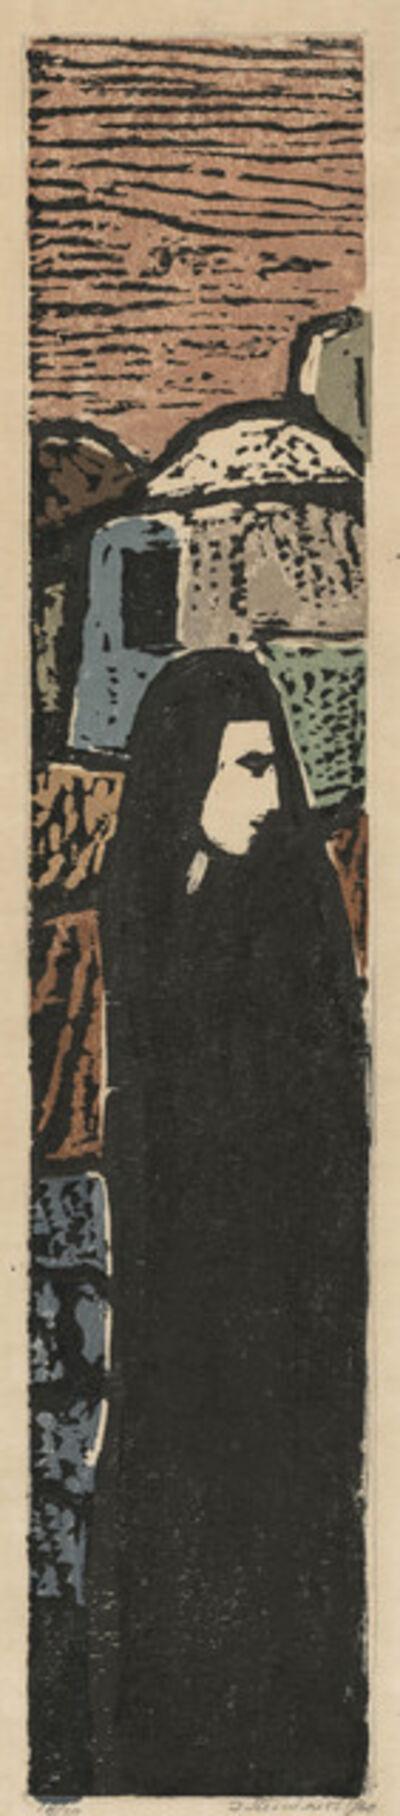 Jakob Steinhardt, '[Woman in Profile]', 1960